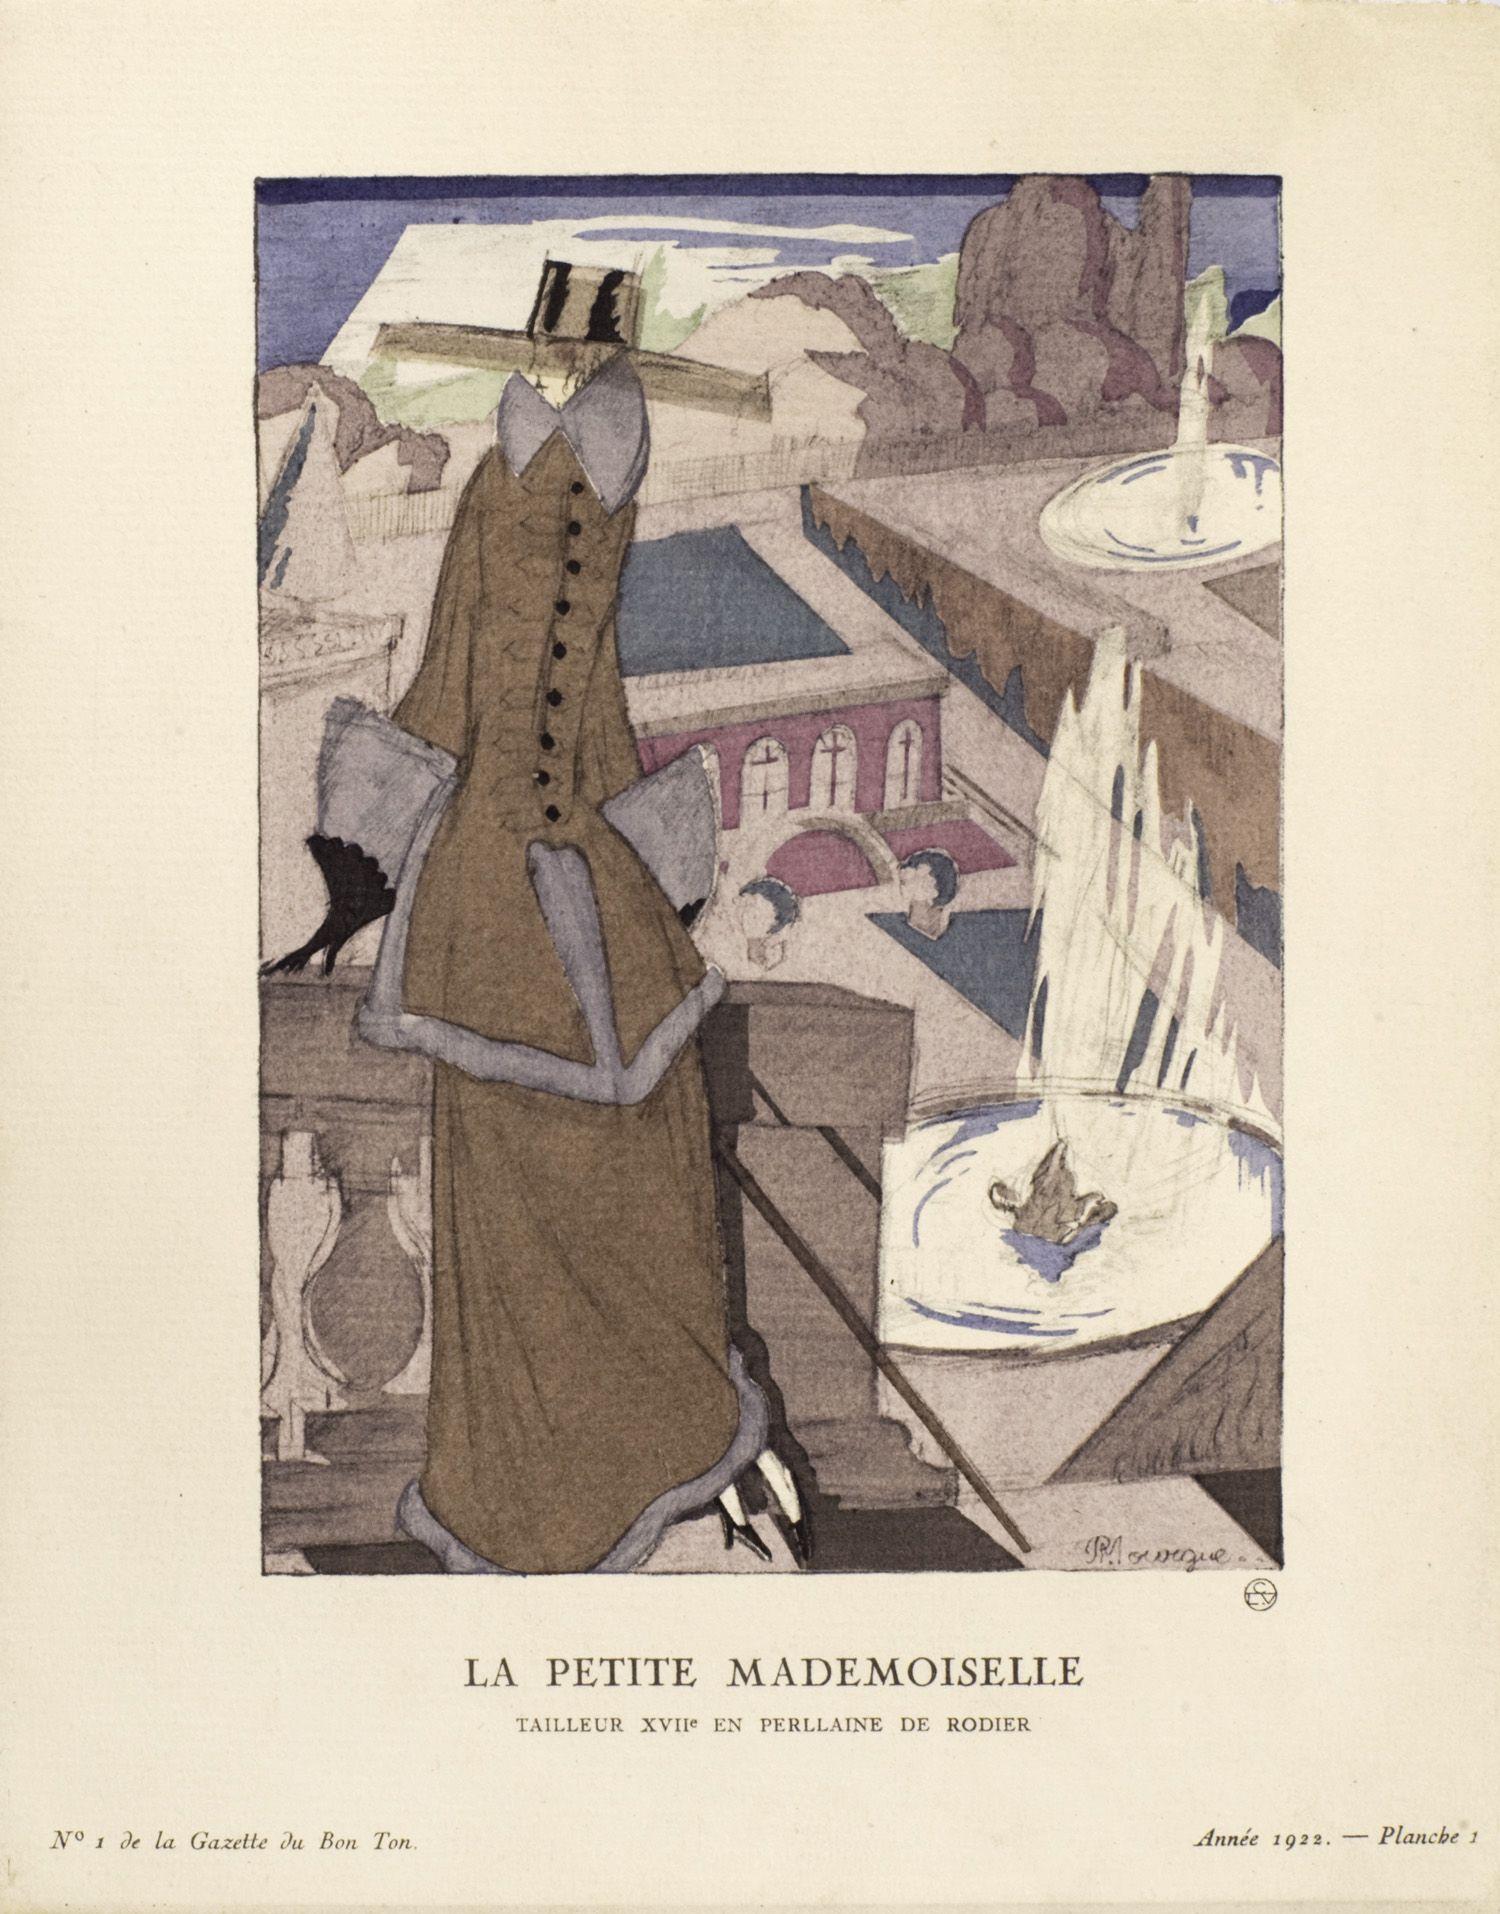 La petite mademoiselle, Tailleur XVII en perllaine de Rodier | Pierre Mourgue | Gazette du Bon Ton